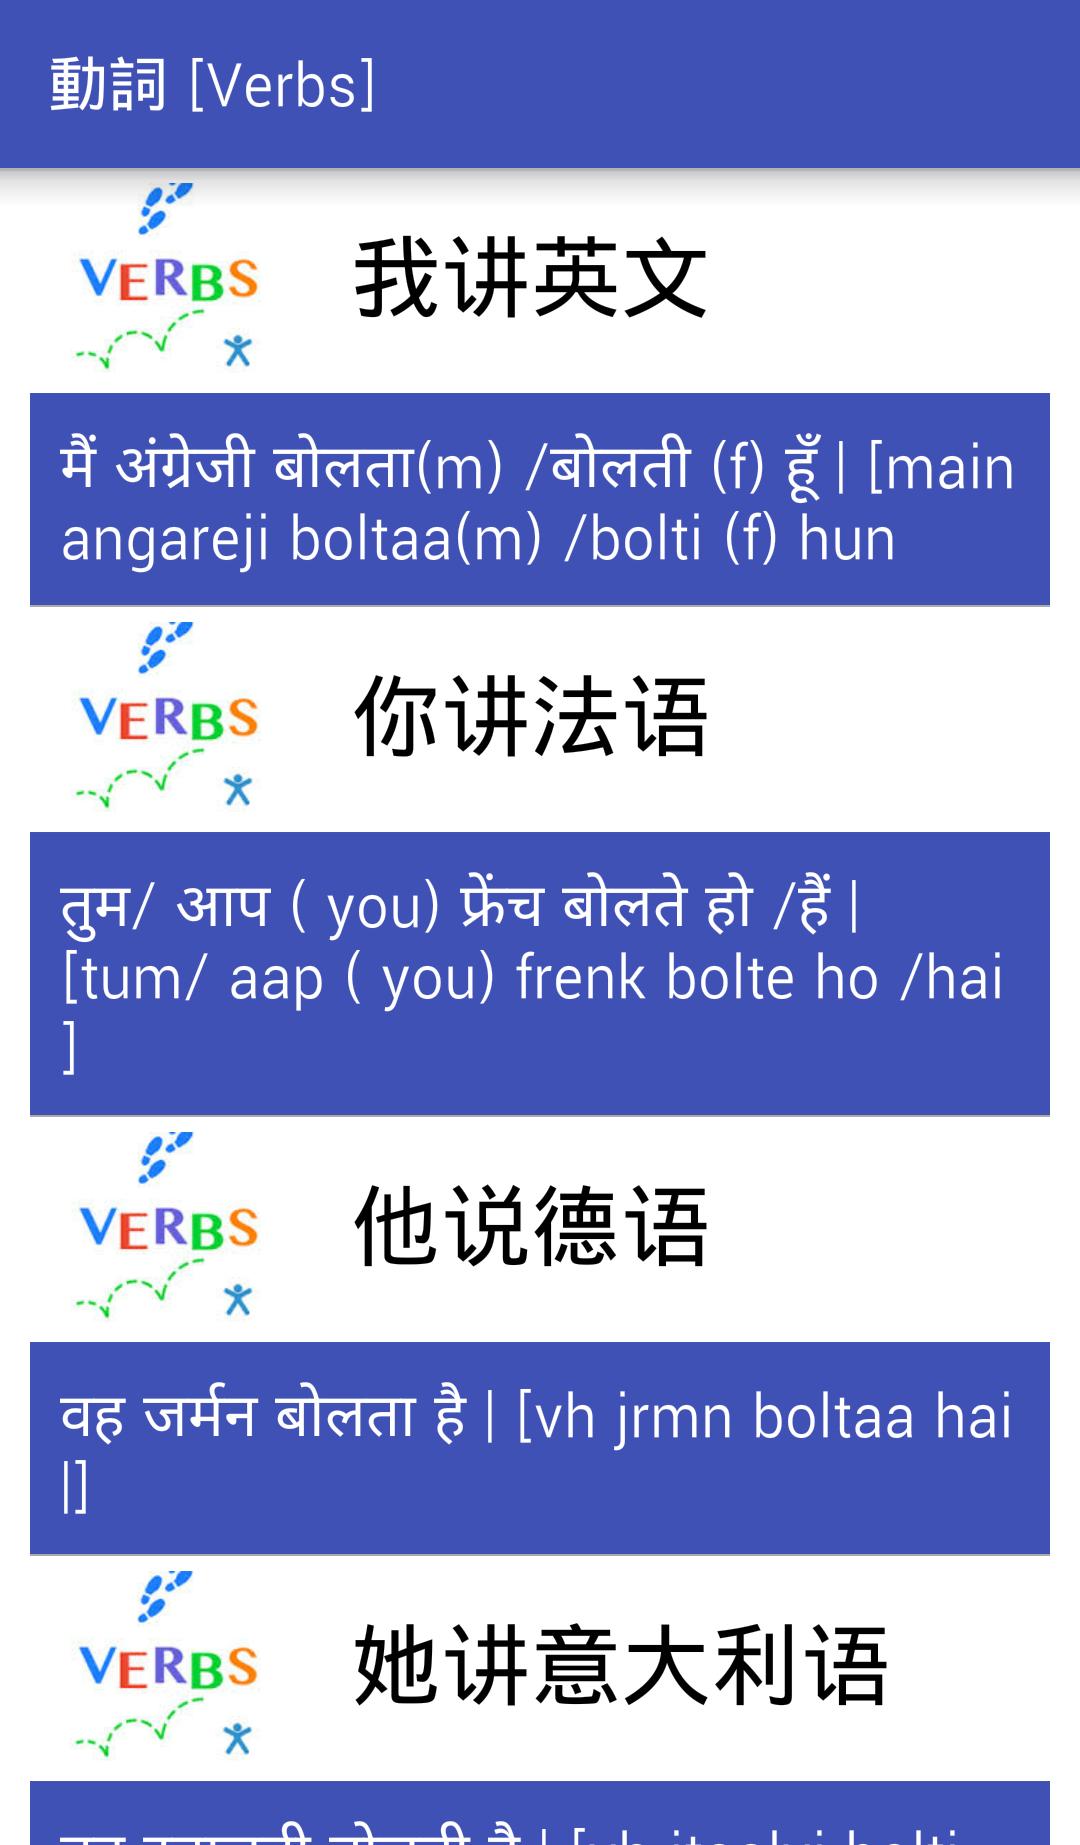 印地语易-应用截图